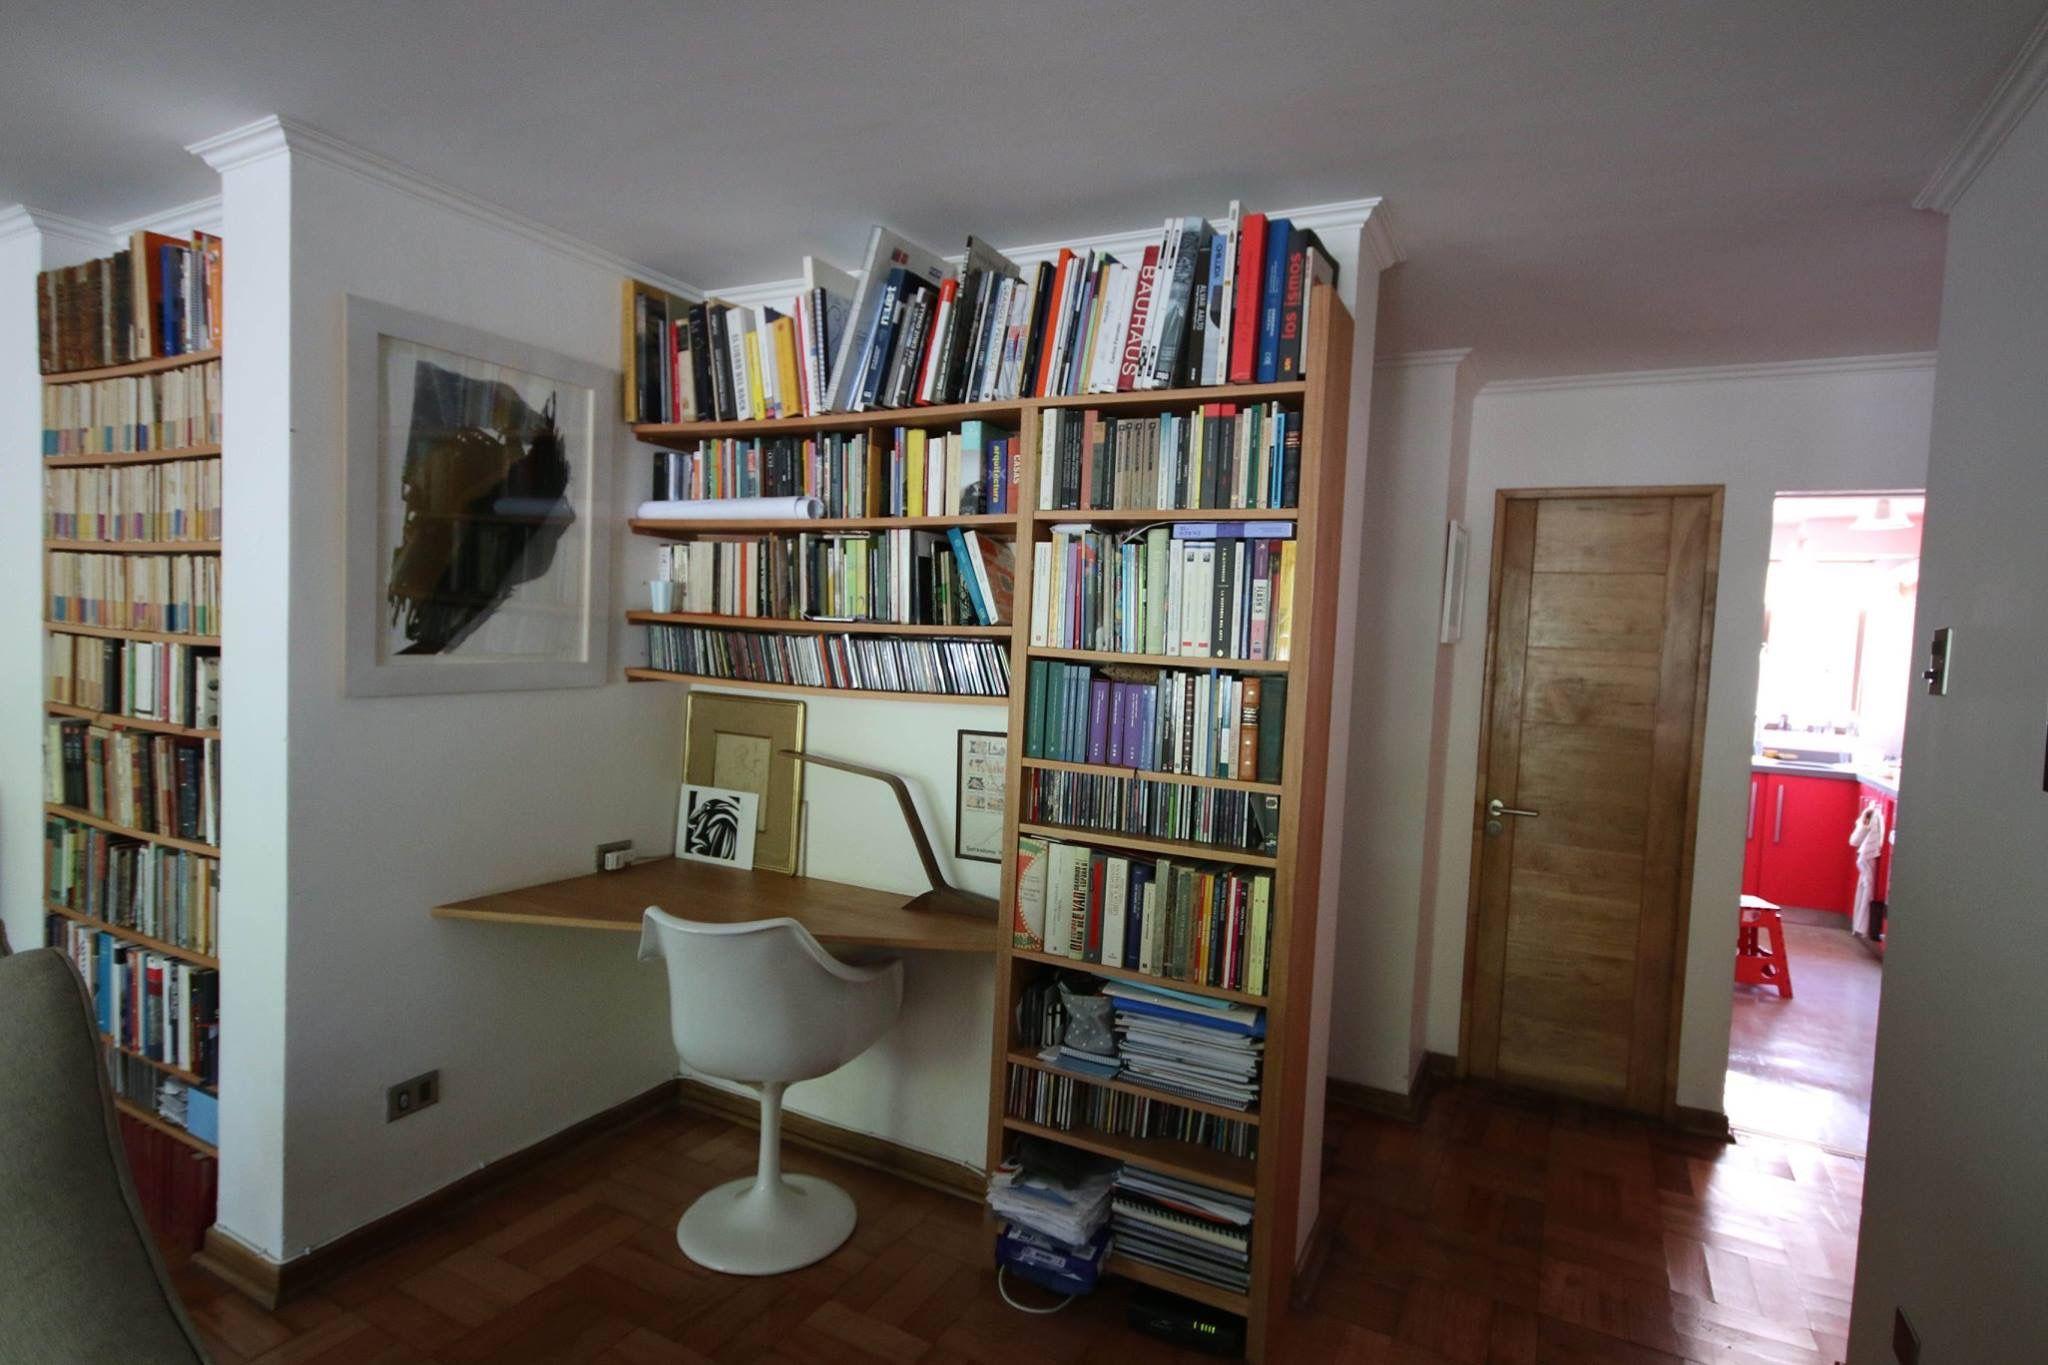 Librero home office murphy bed ikea ideas pinterest murphy bed